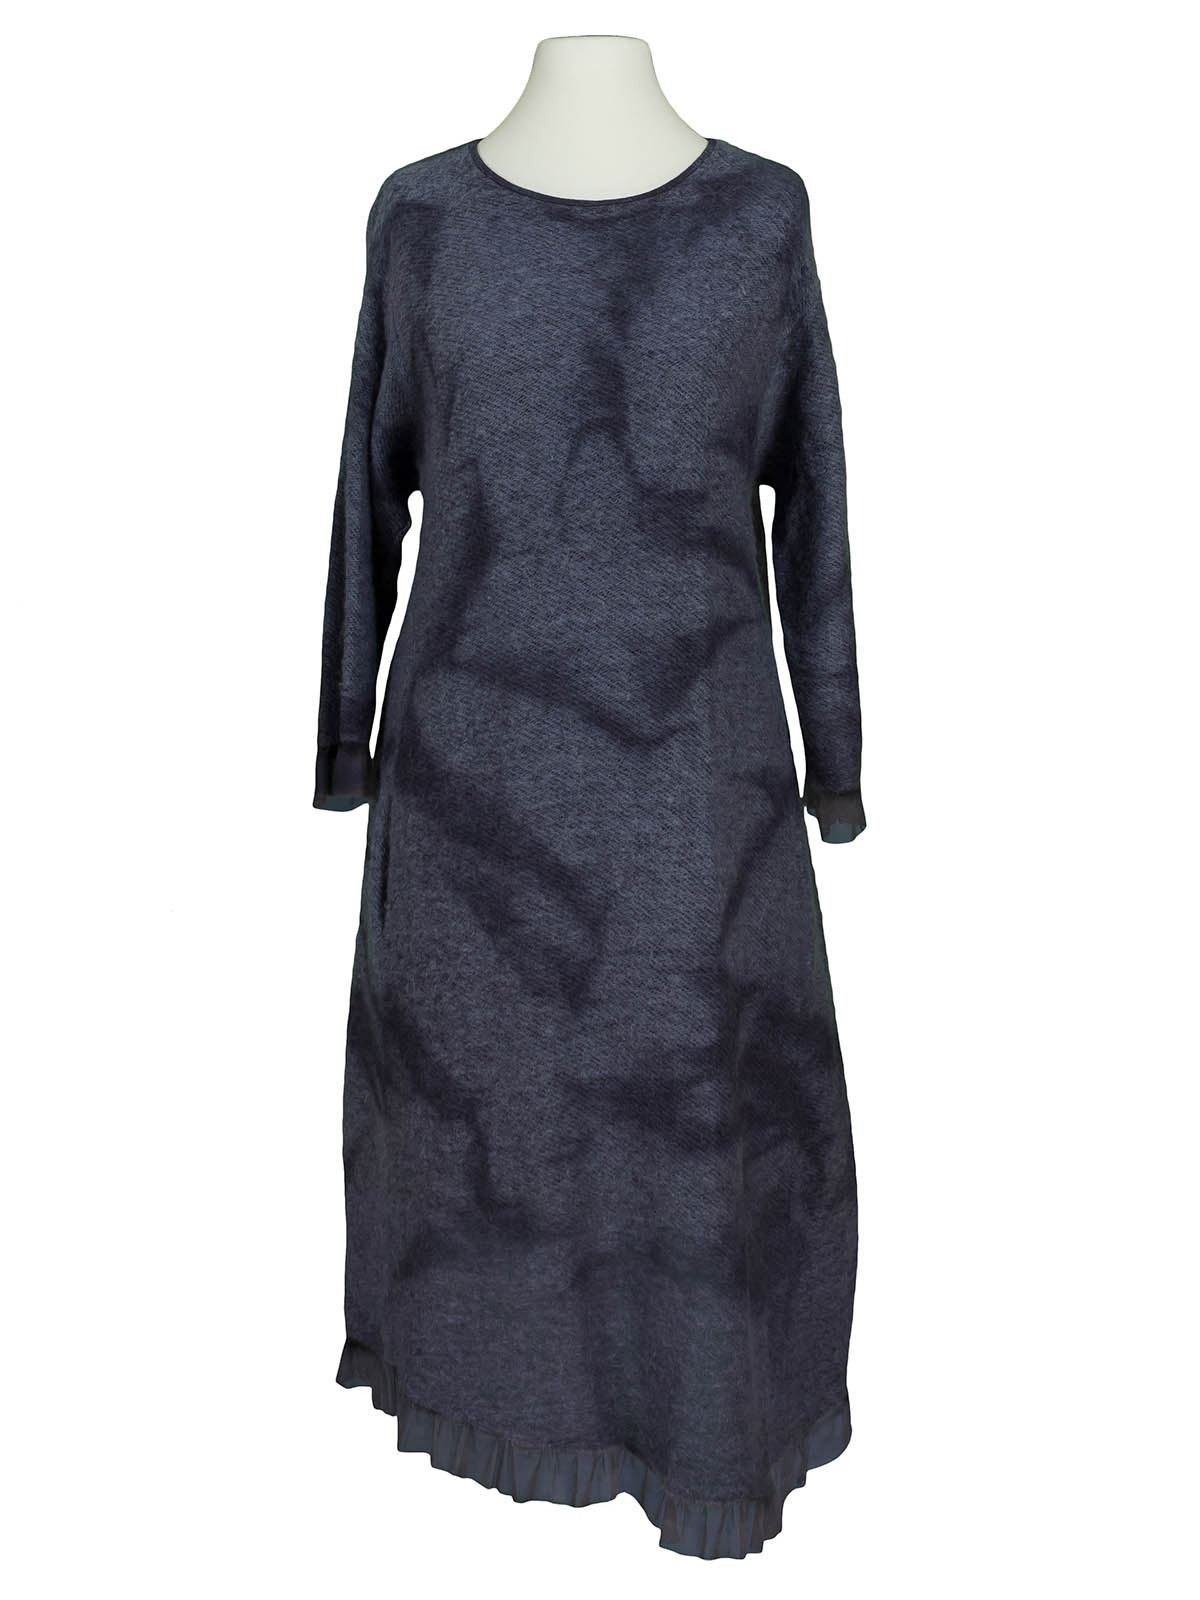 Abend Ausgezeichnet Strickkleid Blau Vertrieb17 Großartig Strickkleid Blau Design